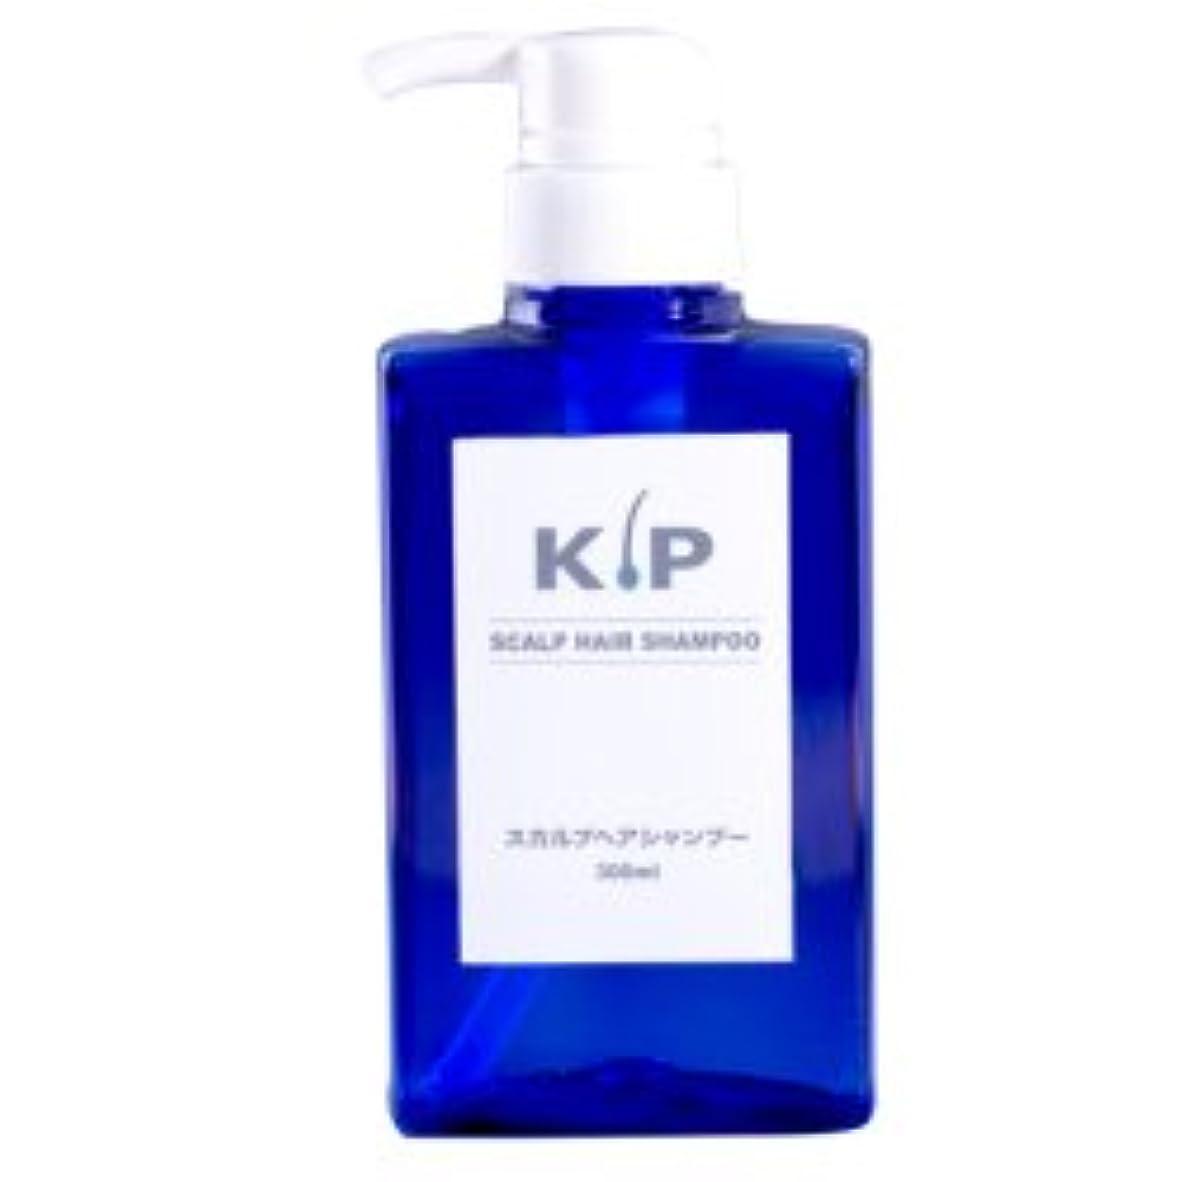 各間違っている世紀KIP スカルプヘア シャンプー 300mL